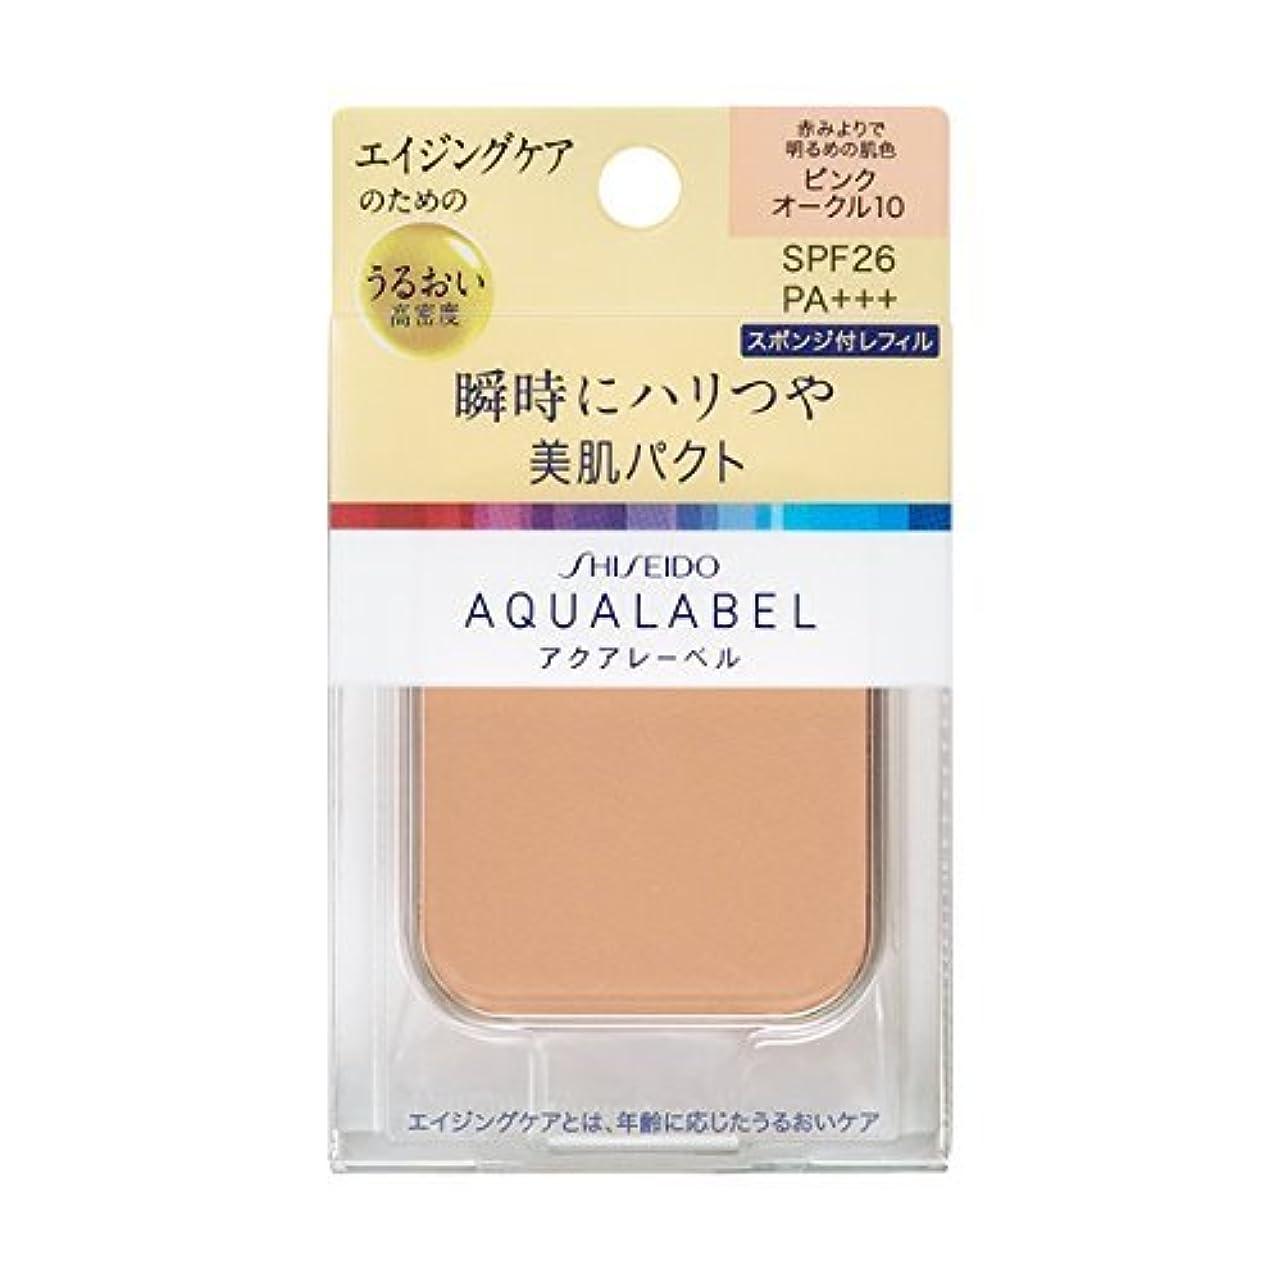 健康ゴシップ割り当てますアクアレーベル 明るいつや肌パクト ピンクオークル10 (レフィル) 11.5g×3個